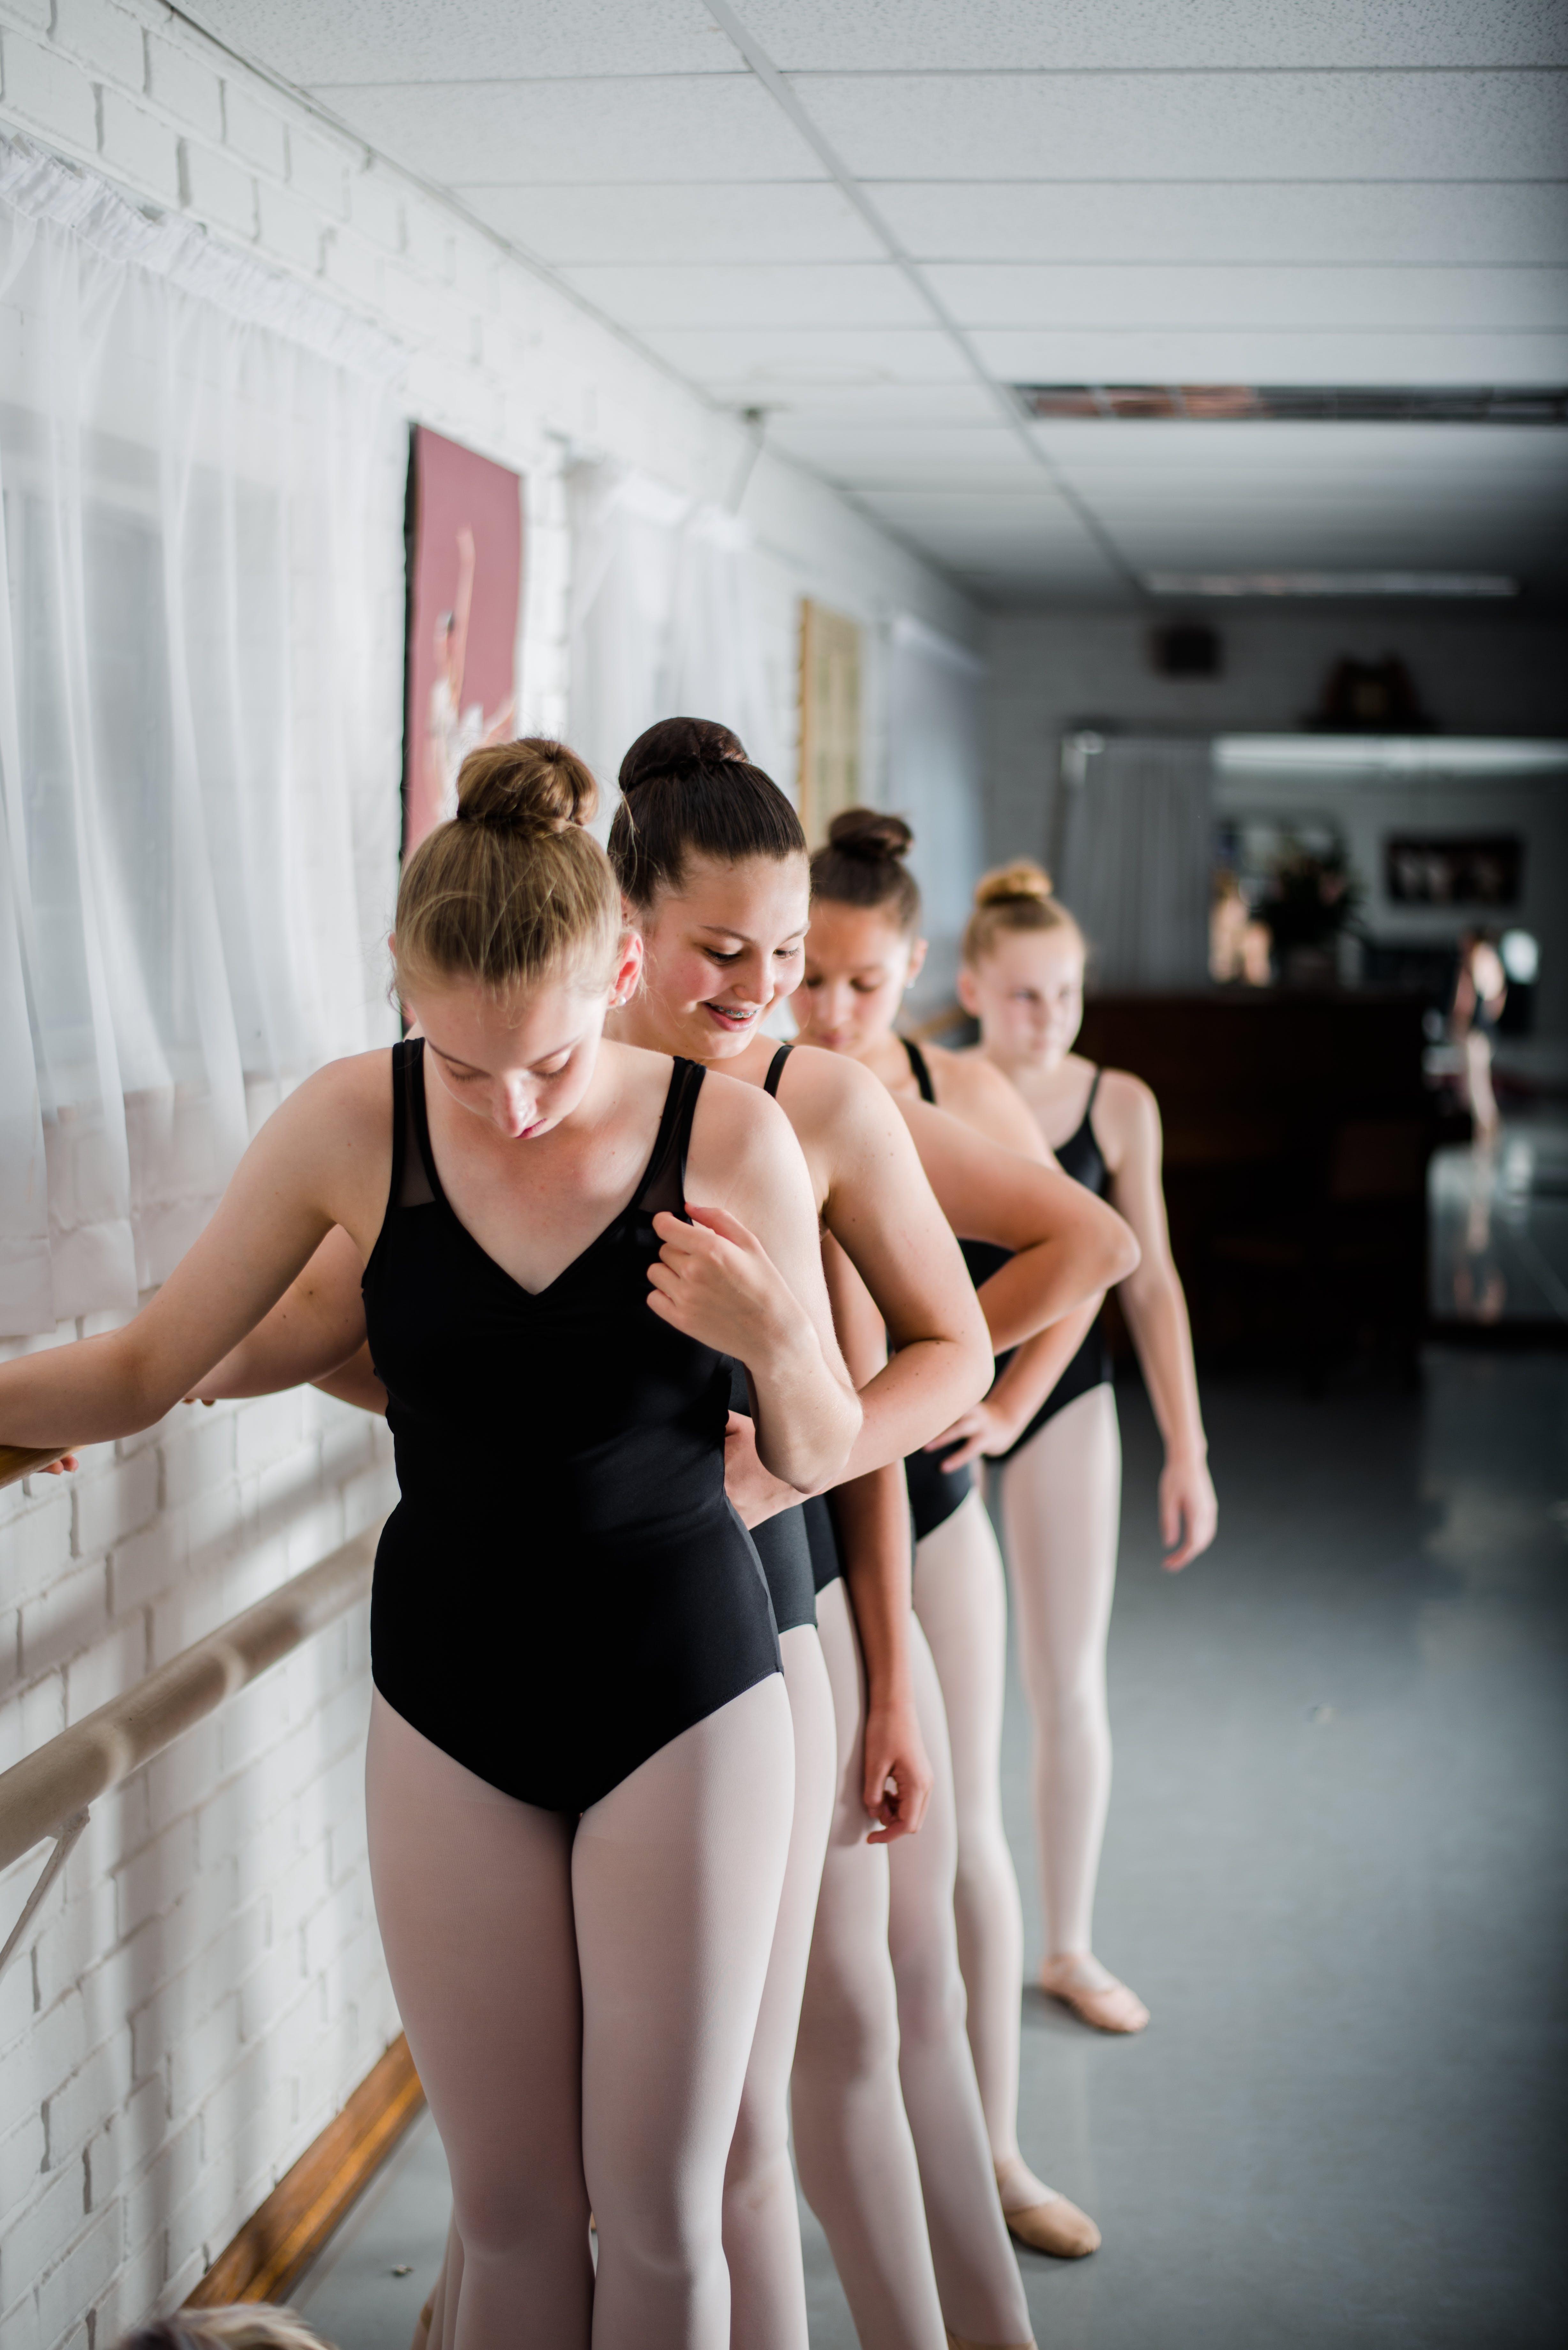 Kostenloses Stock Foto zu ballerinen, ballett klasse, balletttänzer, frauen